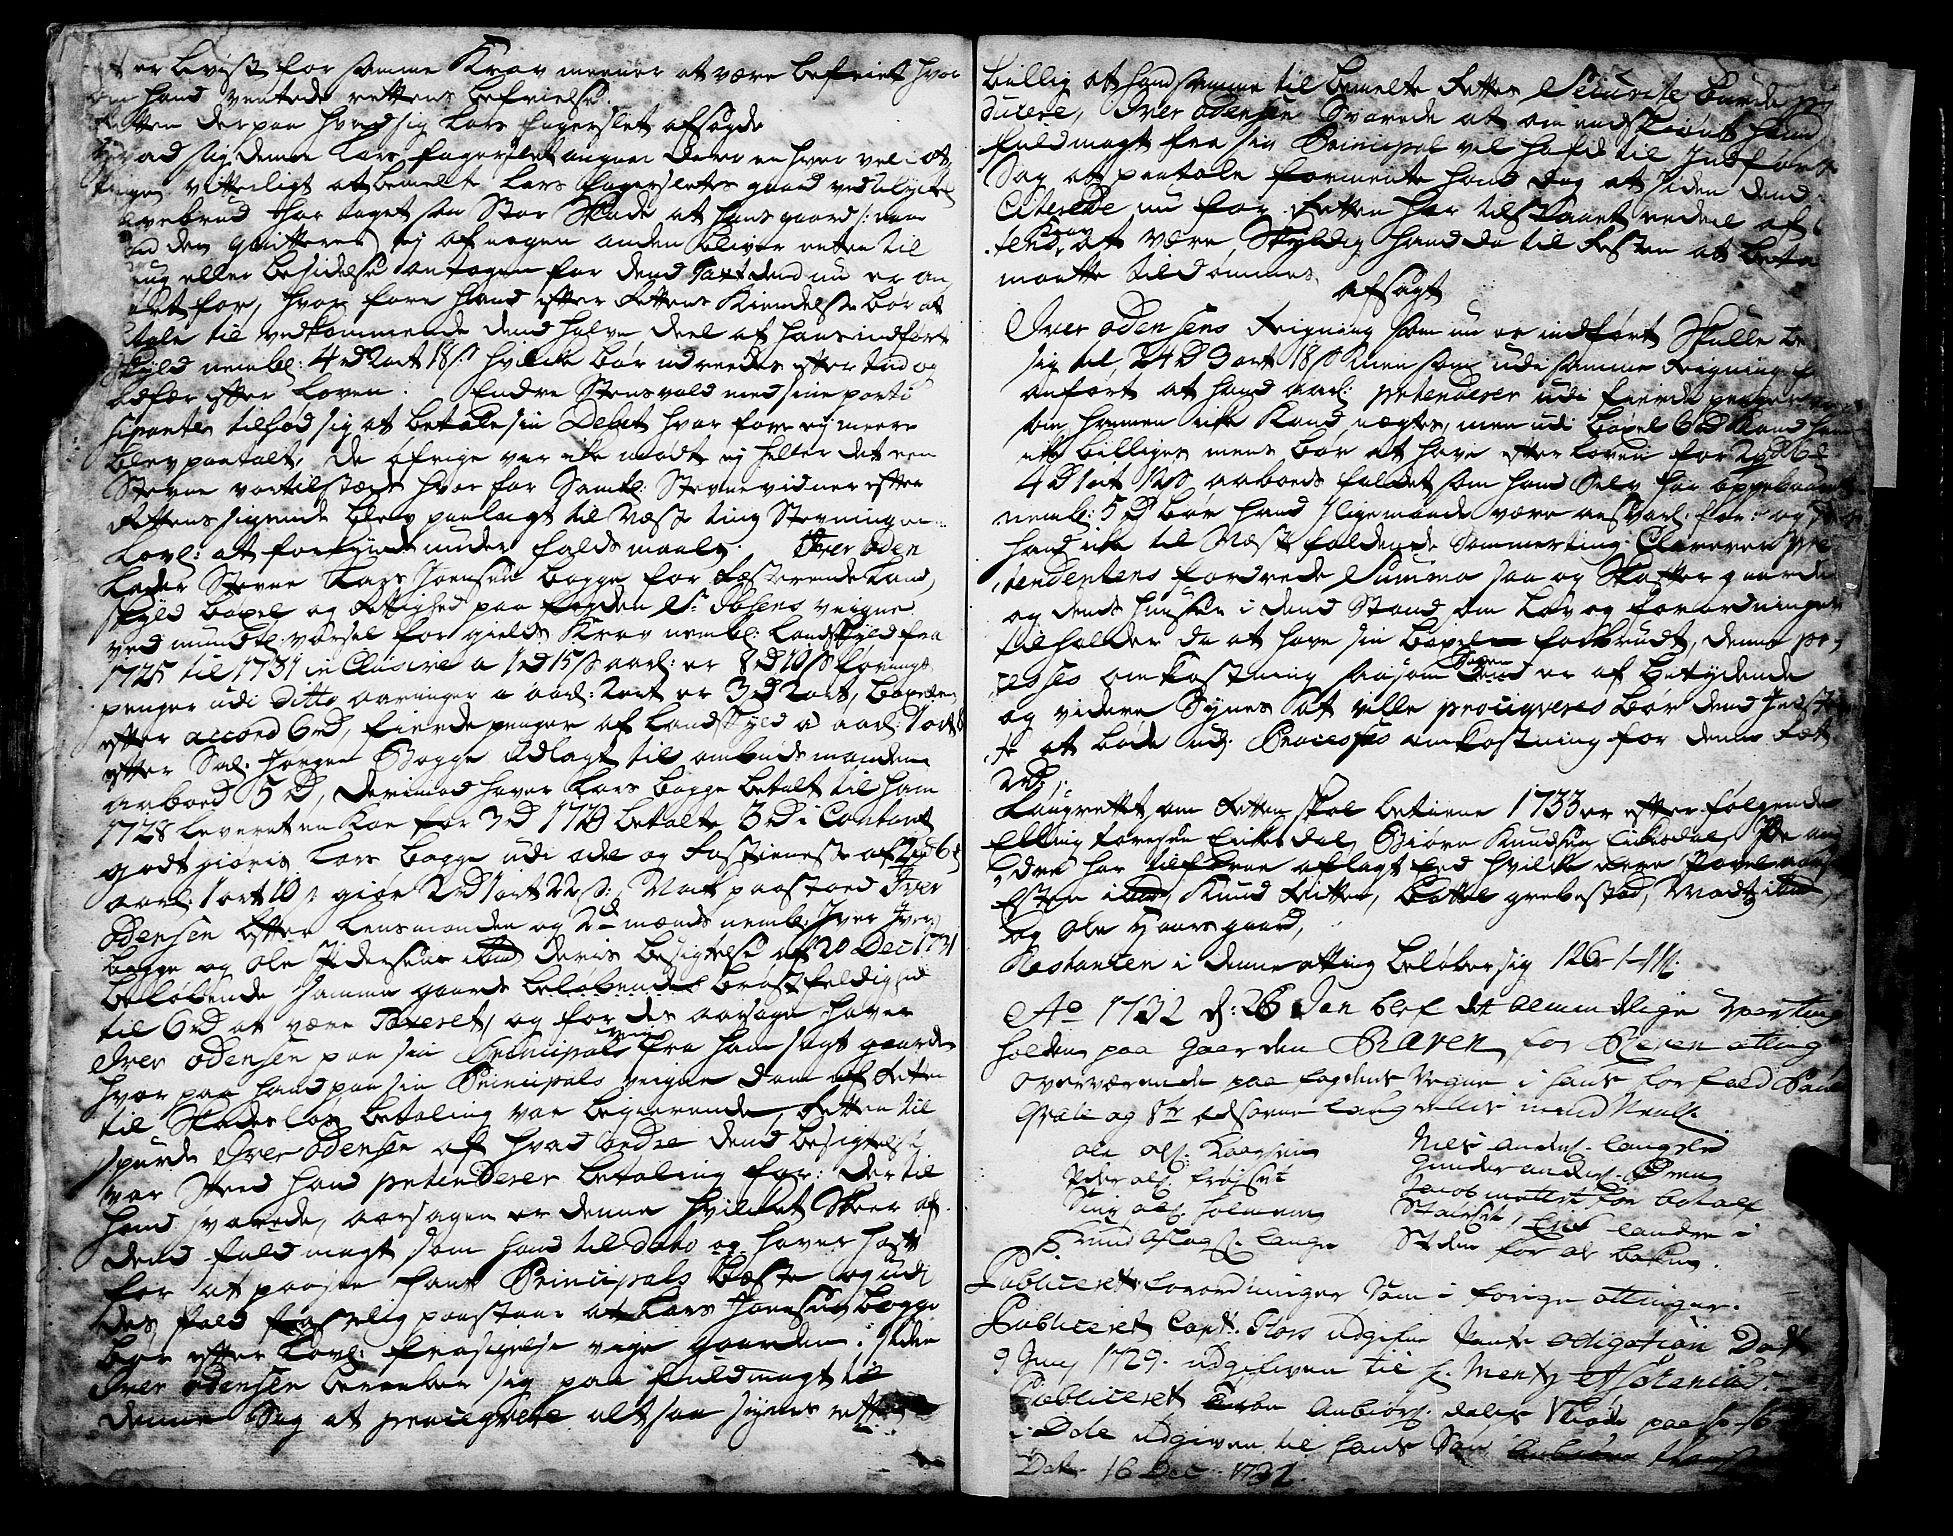 SAT, Romsdal sorenskriveri, 1/1A/L0010: Tingbok, 1728-1732, s. 163